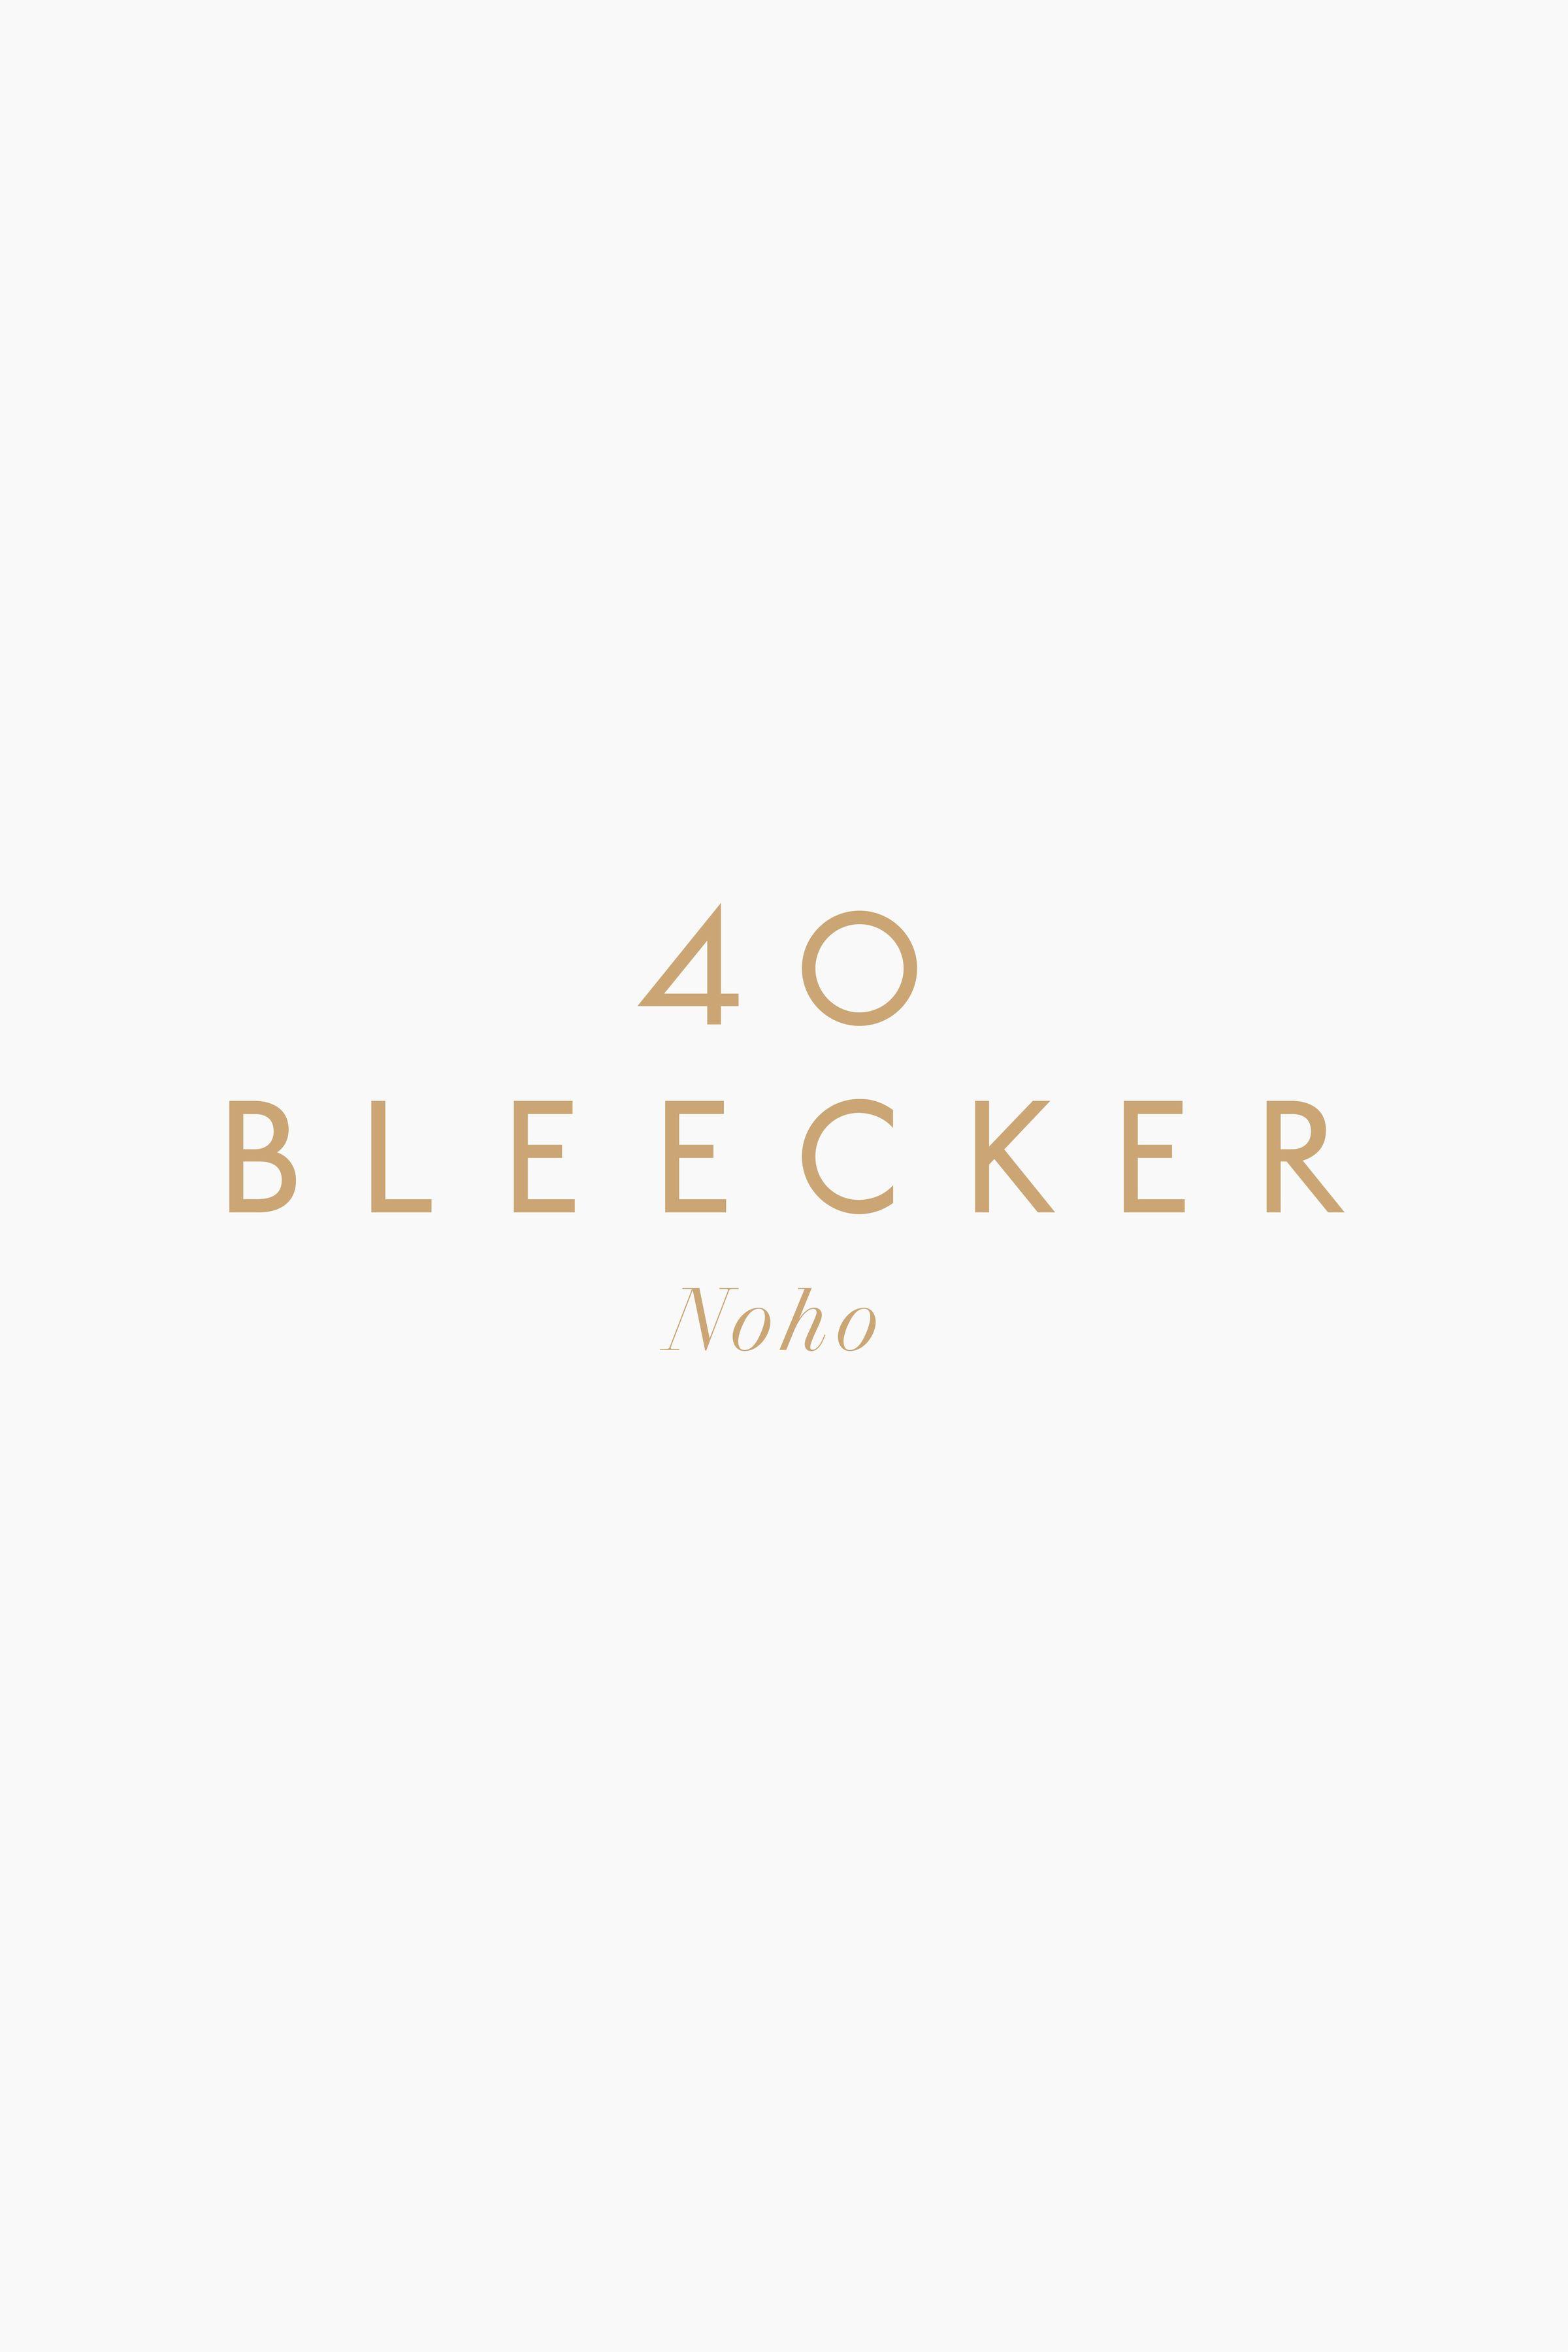 40 Bleecker logo design